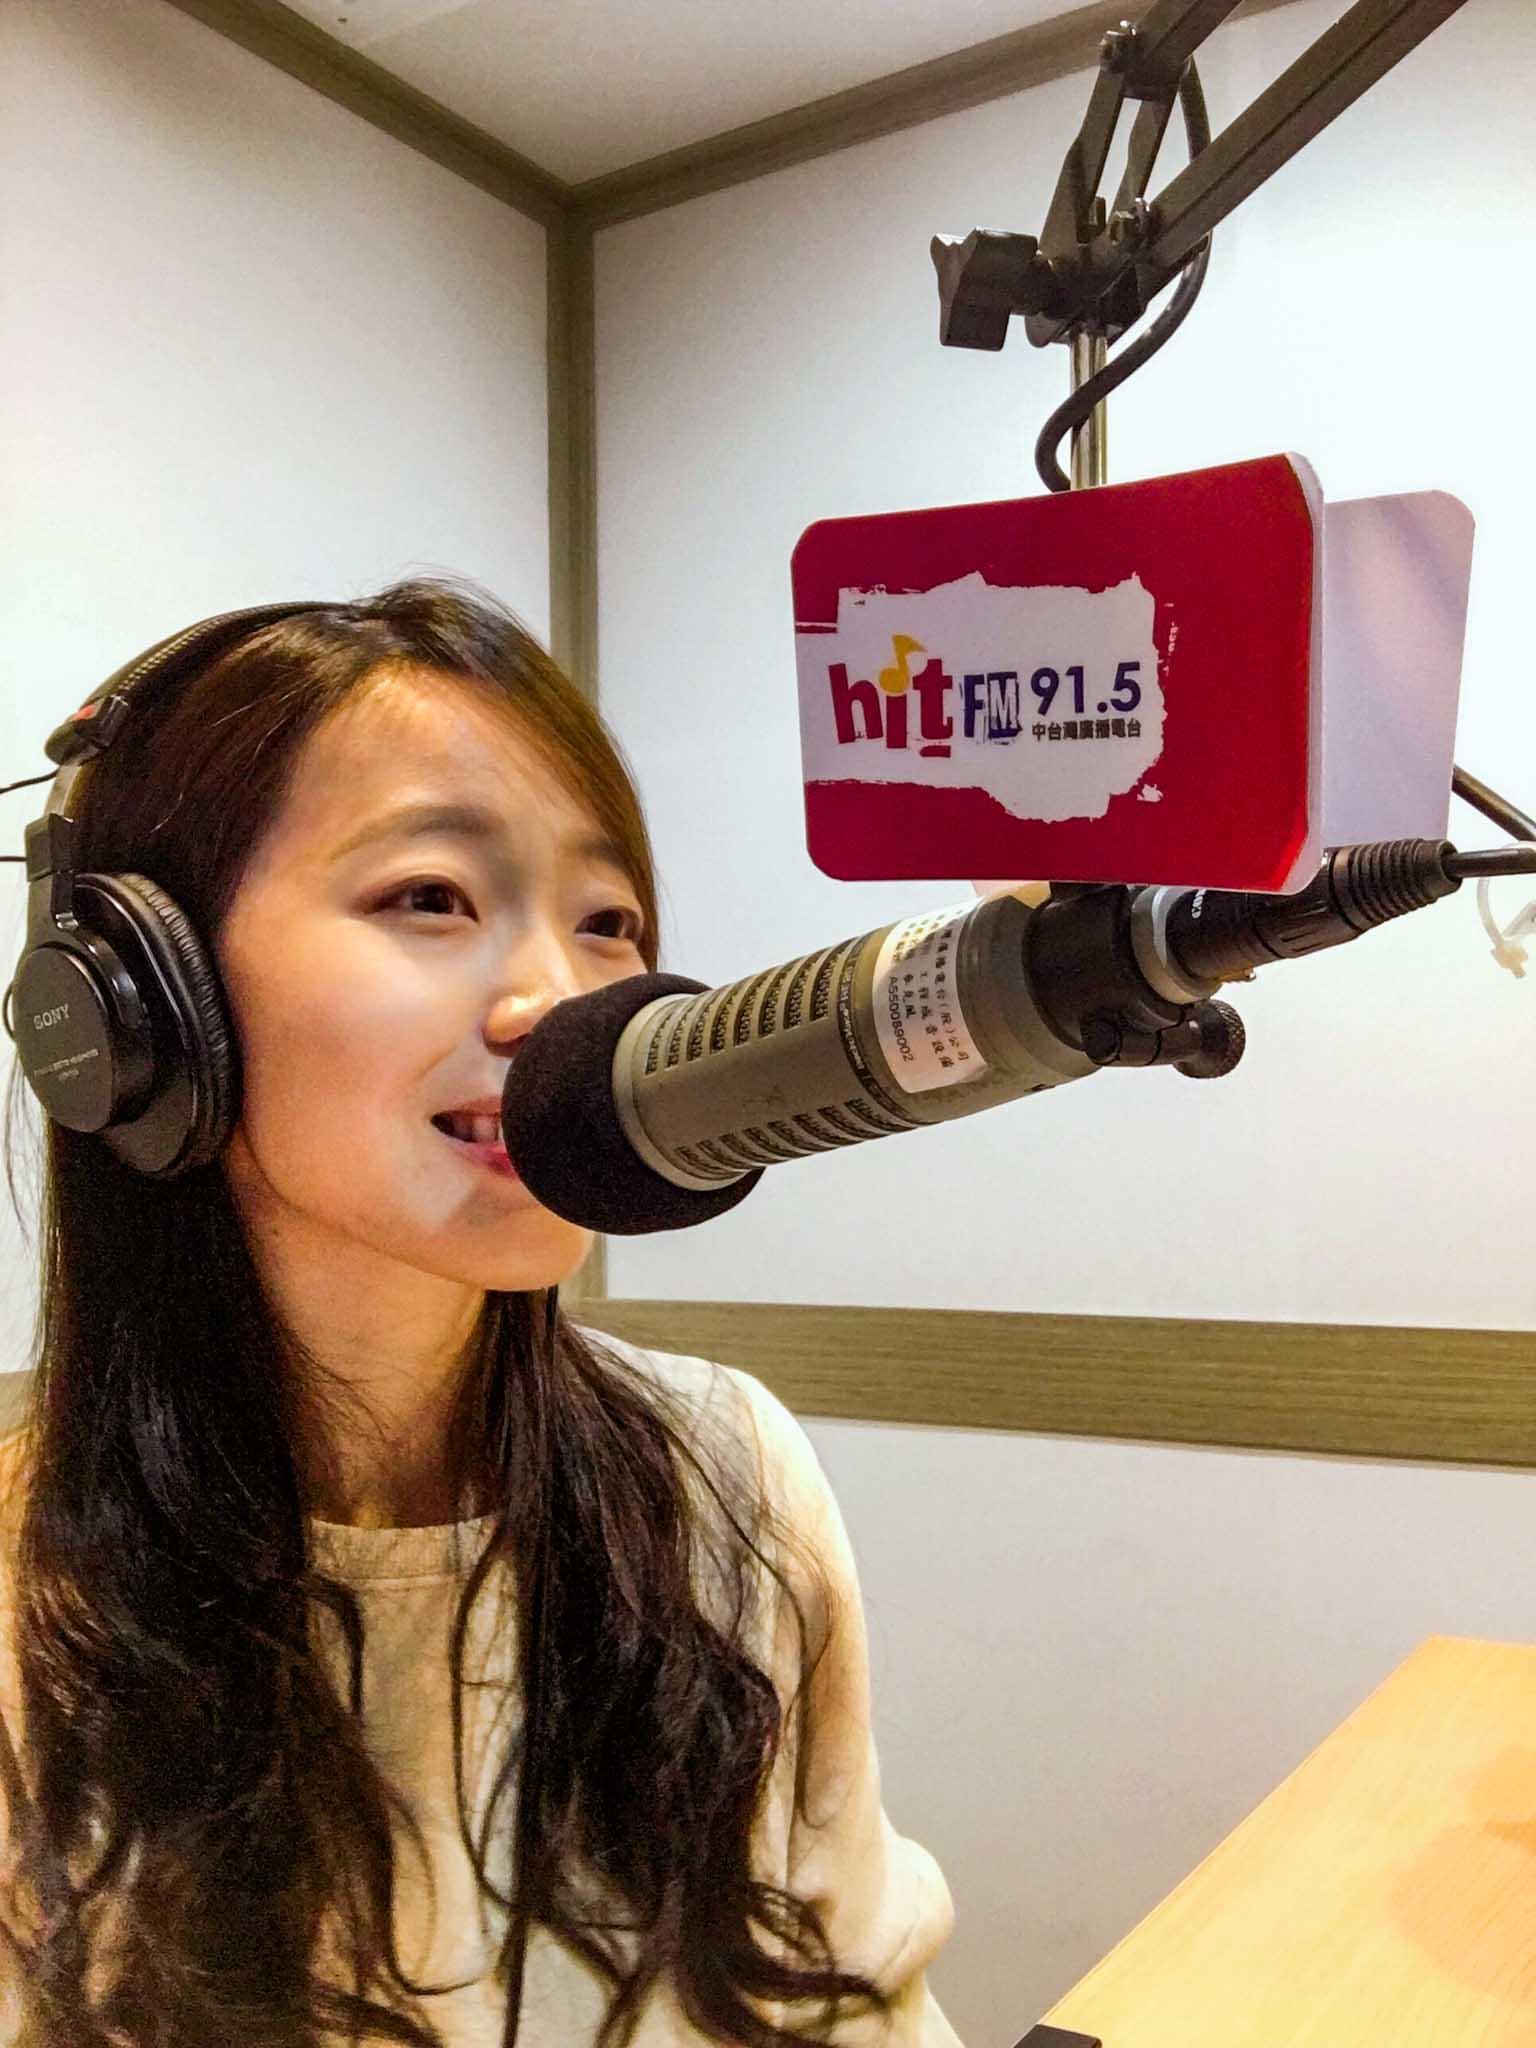 大學生愛分享_逢甲大學統計學系梁璦麗_擔任Hit FM 91.5實習DJ